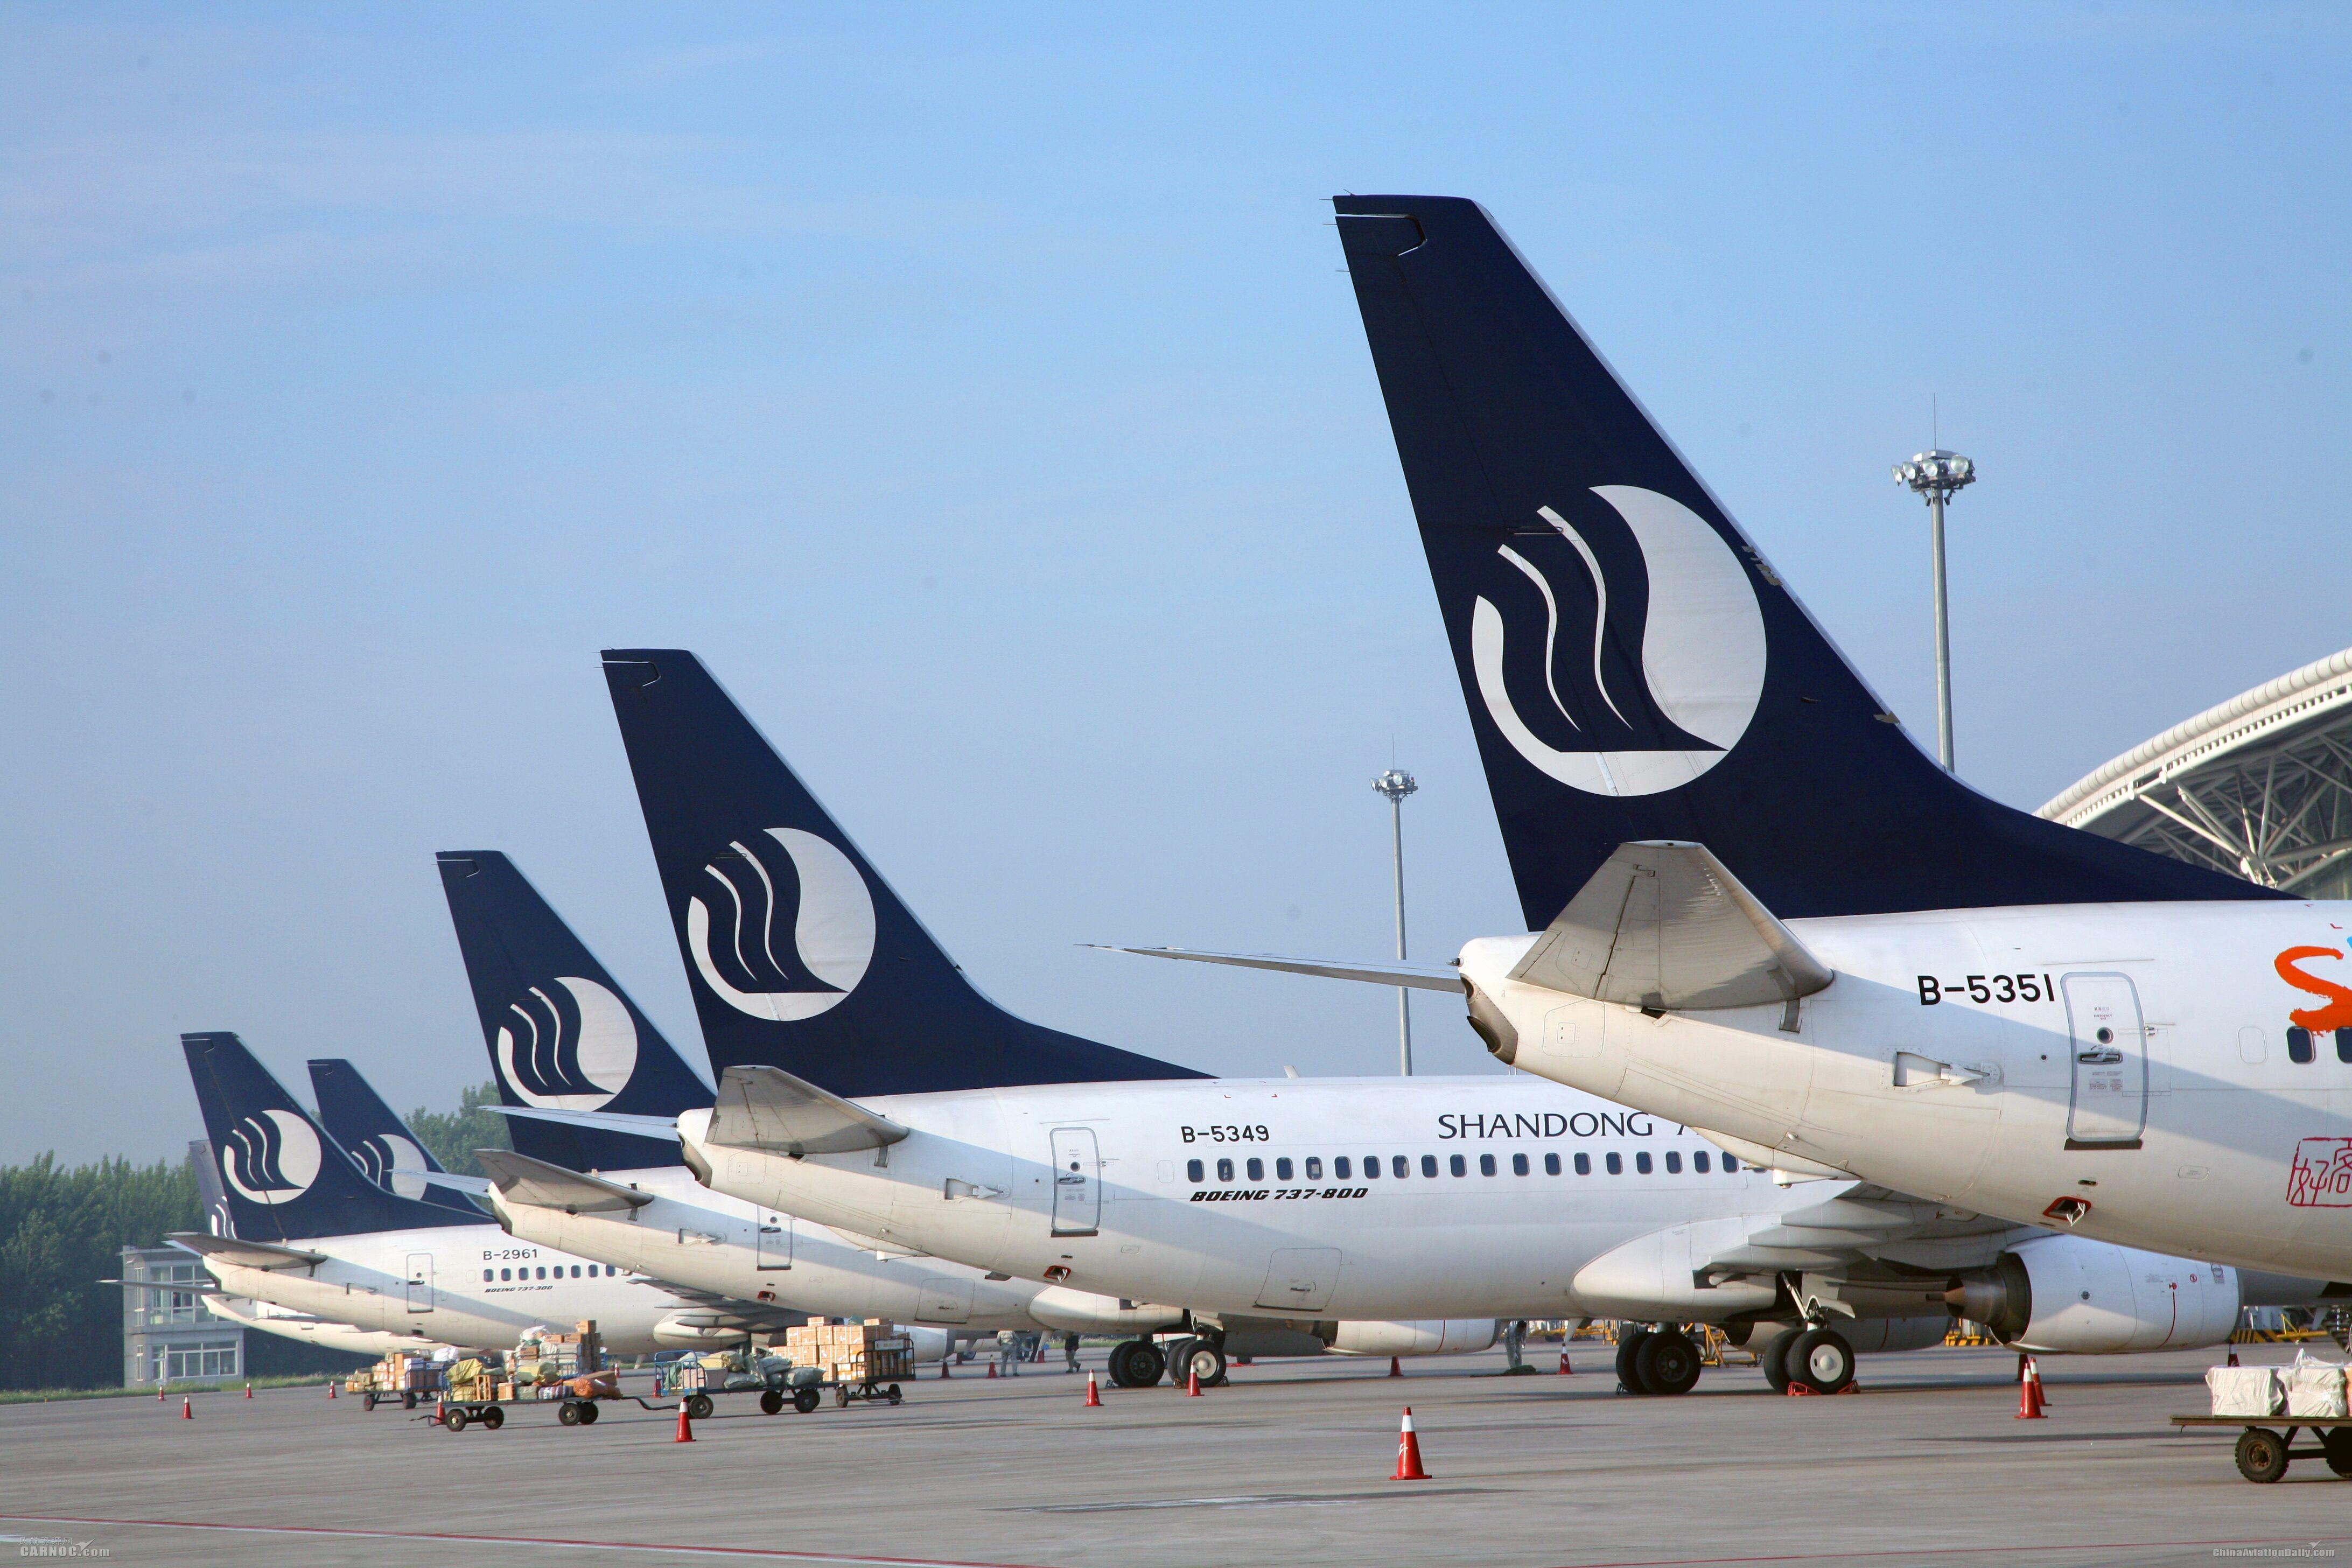 山东航空即日起恢复烟台首尔客运航班 旅客可正常购票